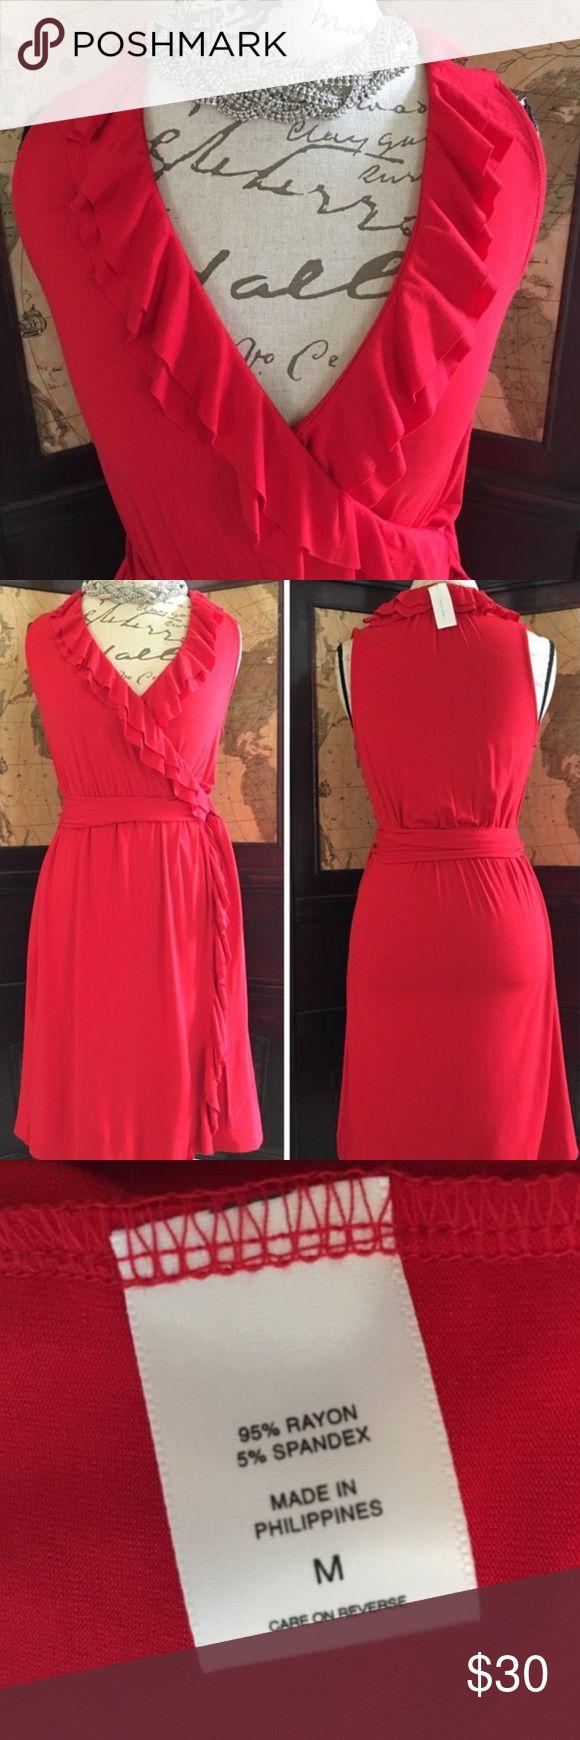 Nwt Ny Amp Co V Neck Knee Length Pullover Dress Nwt Beautiful